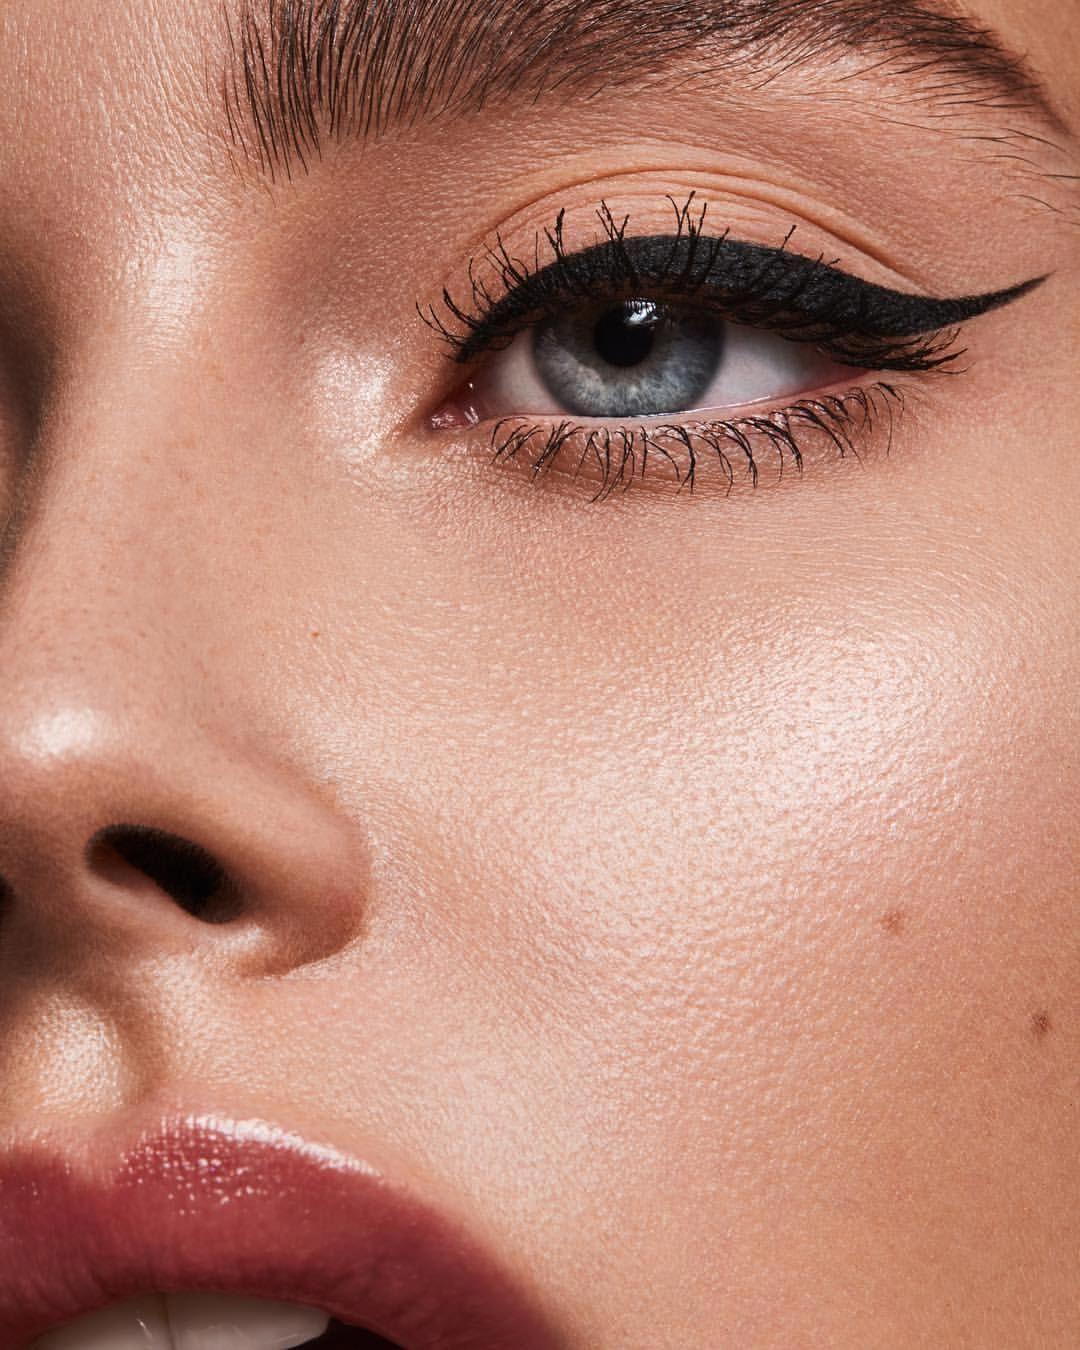 Макияж для узких глаз видео уроки, как делать макияж для